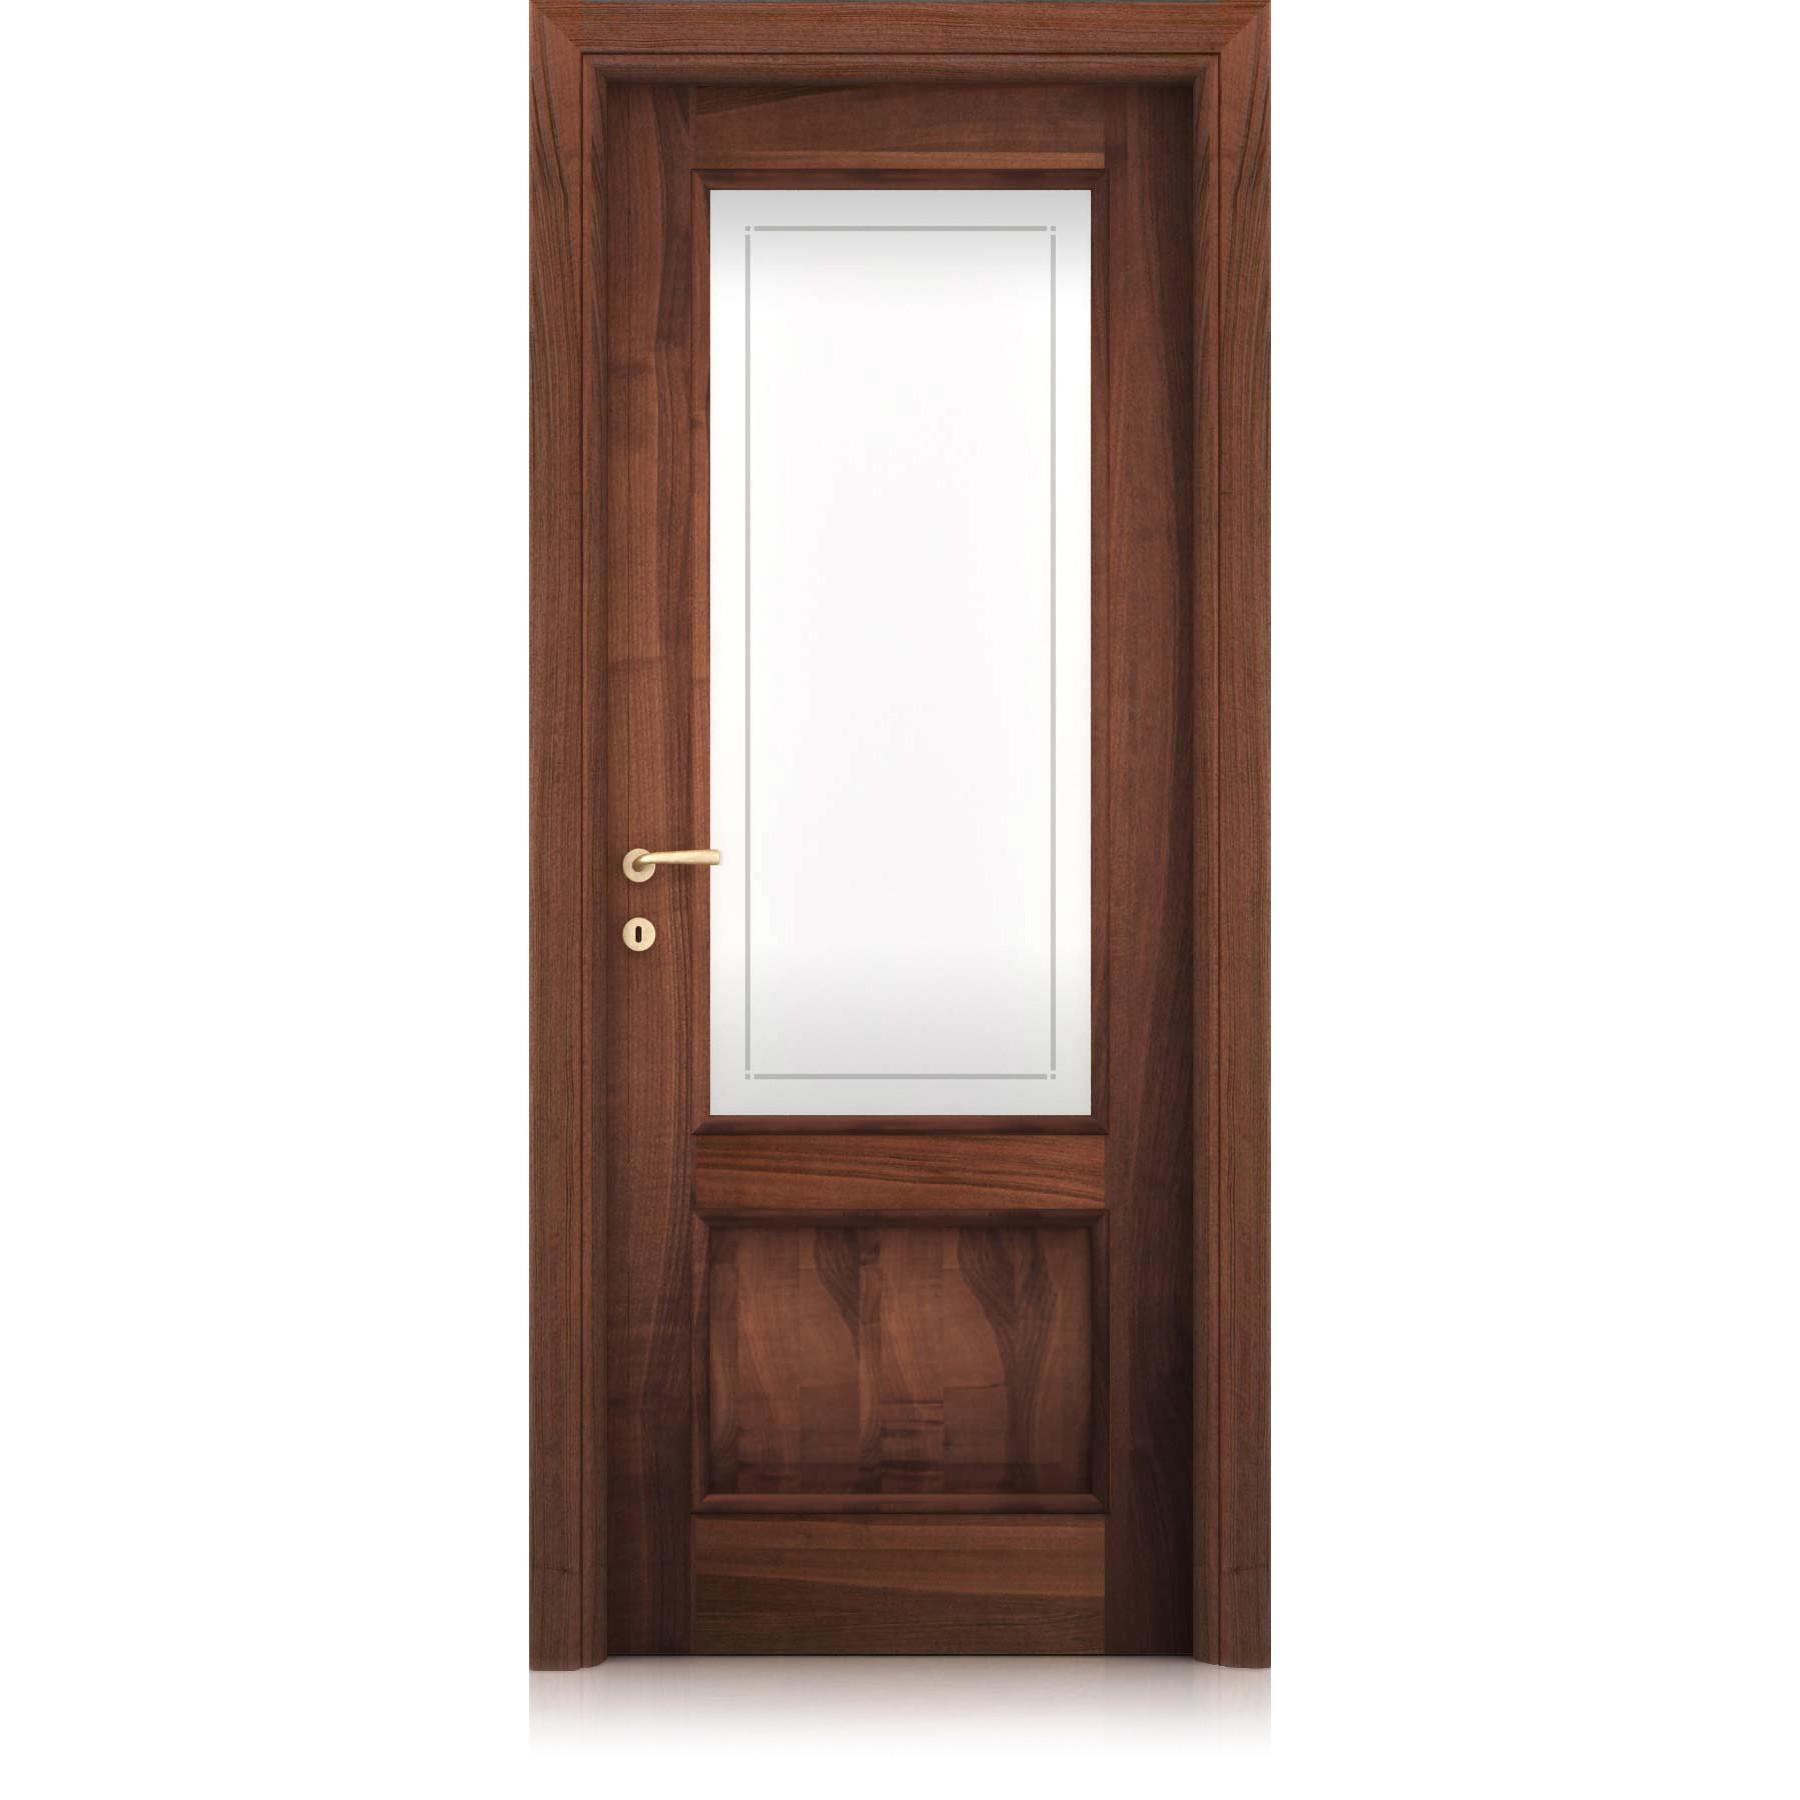 Tempora Decorato perimeter thread glass door